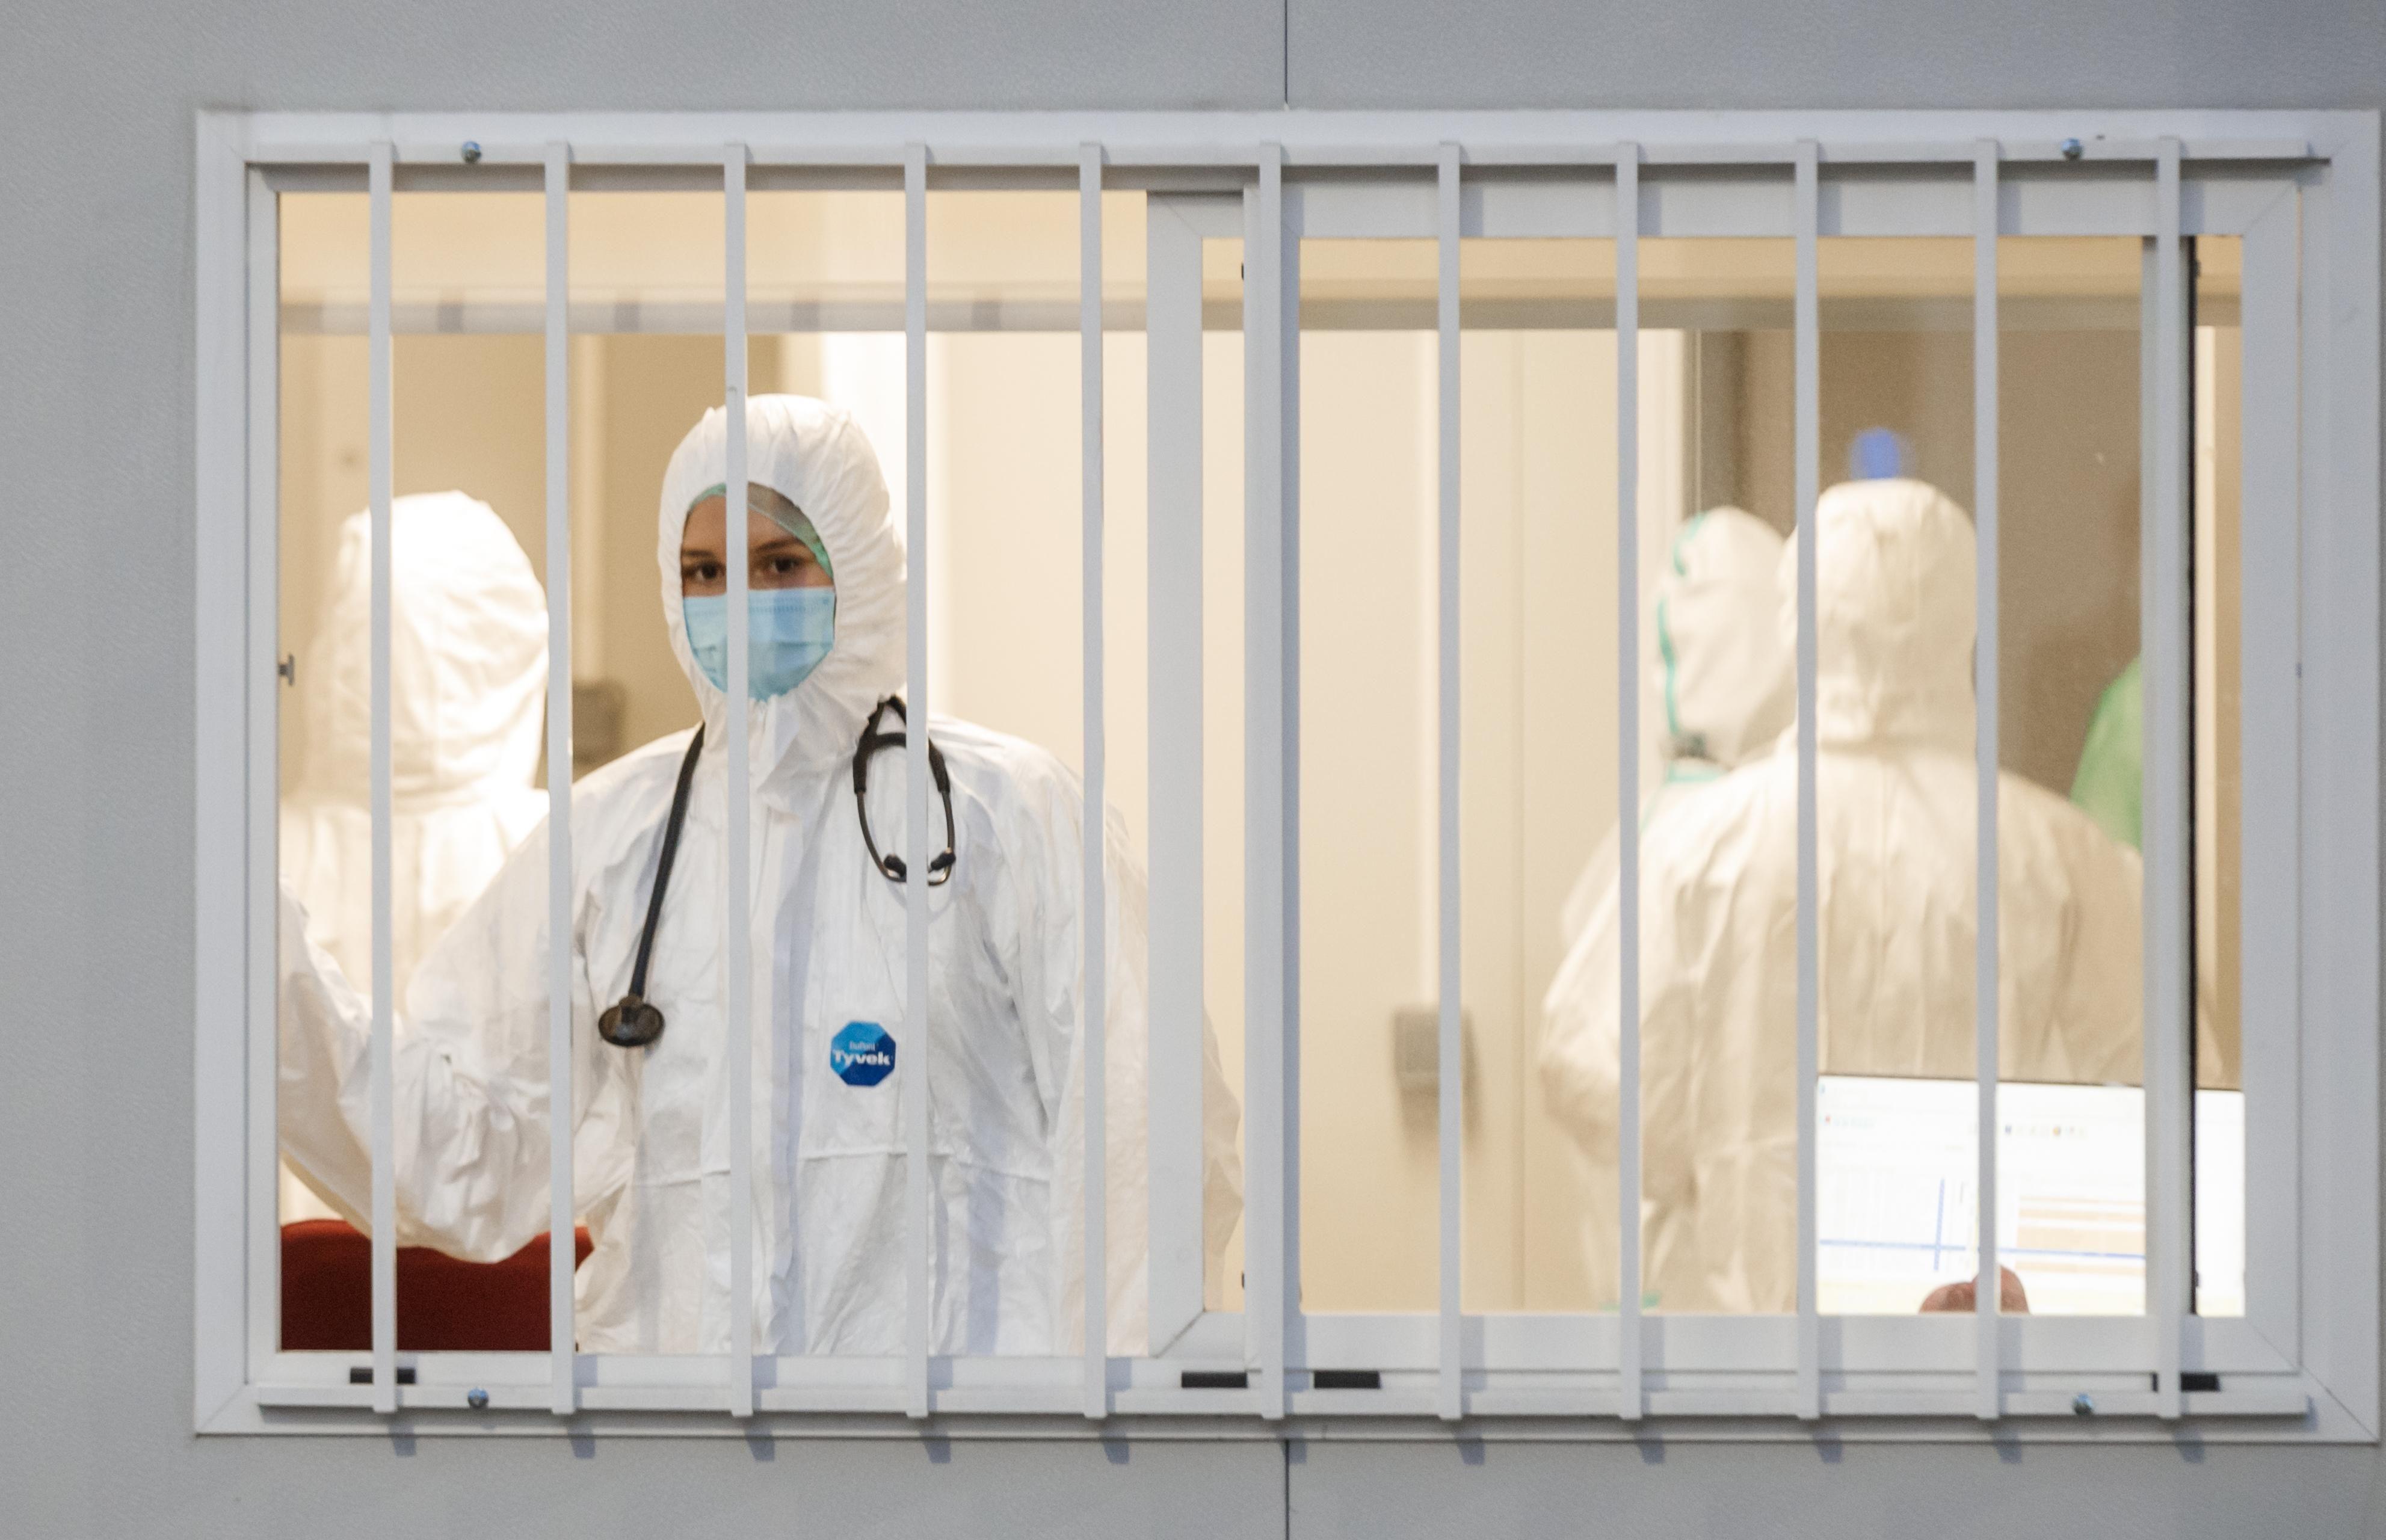 Получат ли врачи обещанные надбавки в 300%: ответ эксперта - Новости здоровья - Здоровье 24